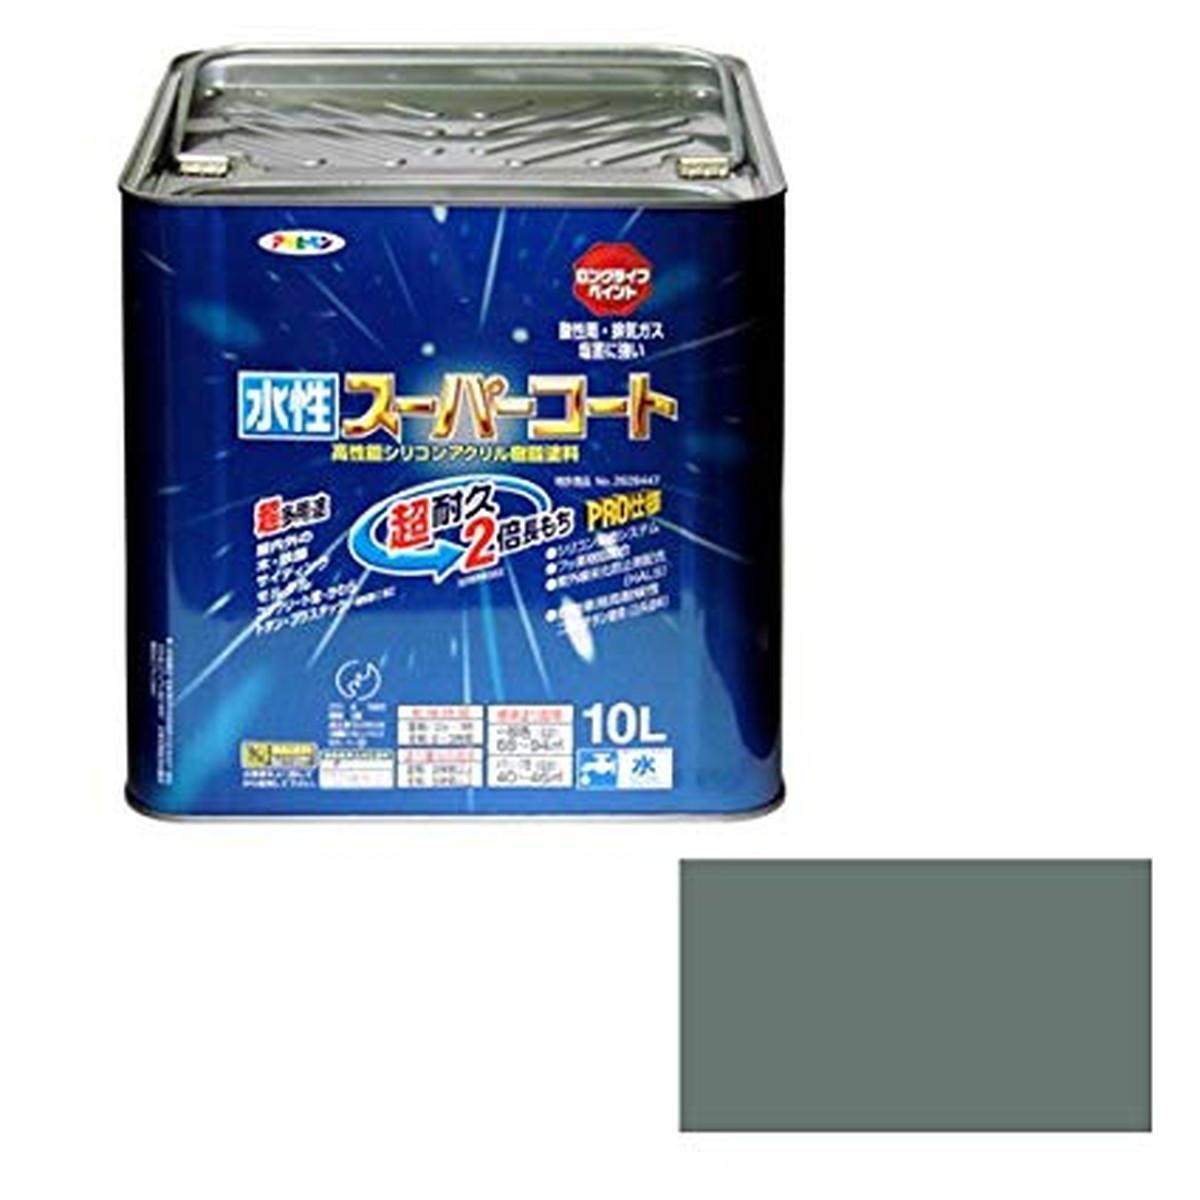 アサヒペン ペンキ 水性スーパーコート 水性多用途 ライトグレー 10L